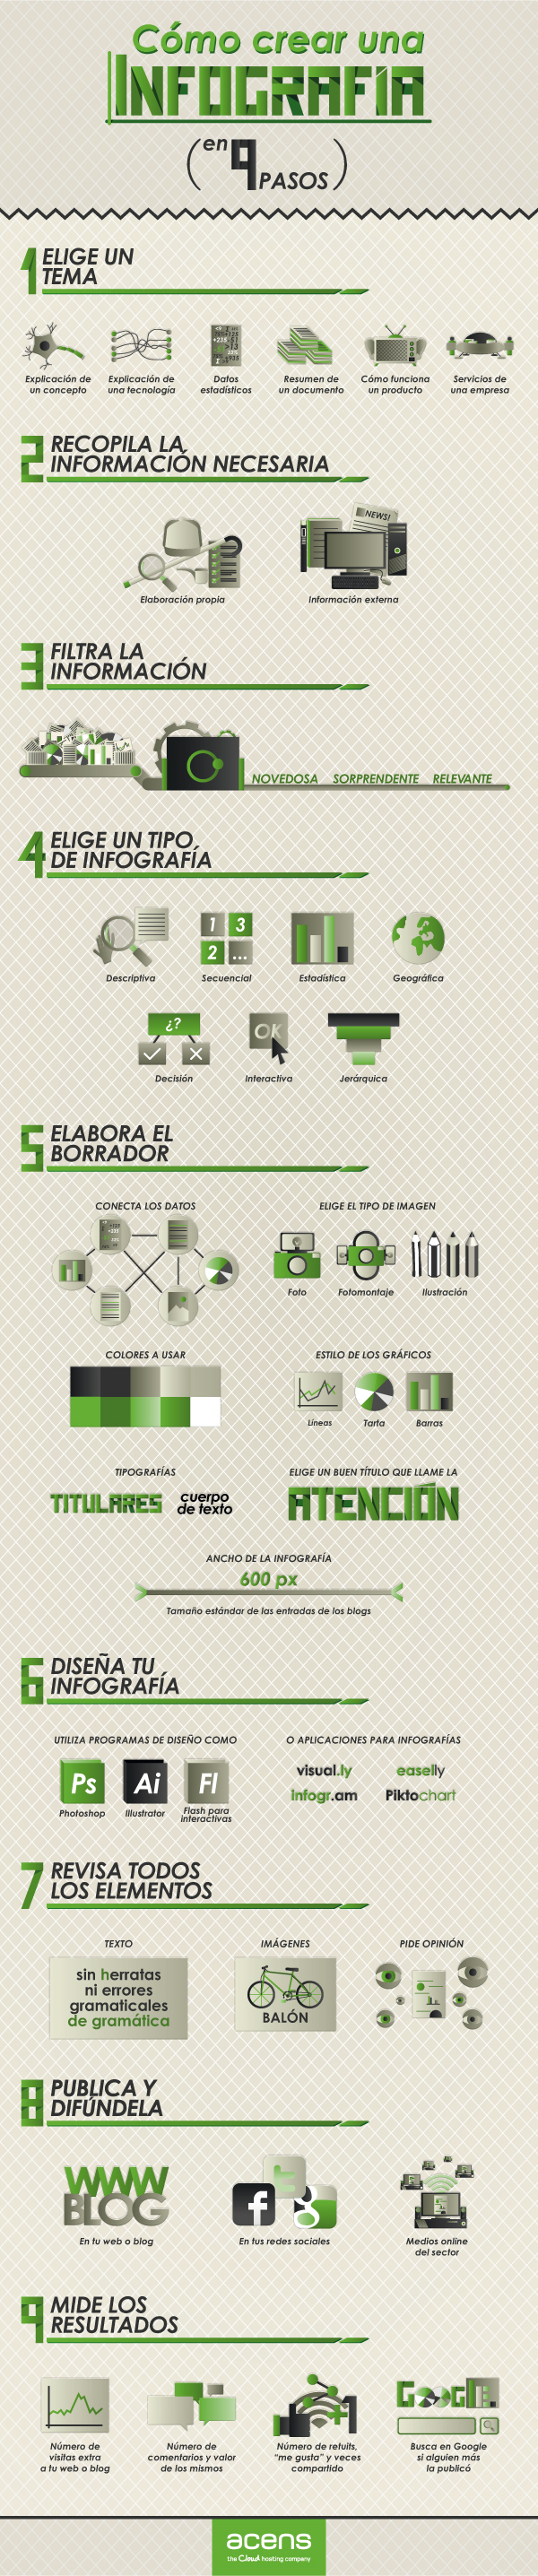 Infografía: Cómo hacer una infografía en 9 pasos